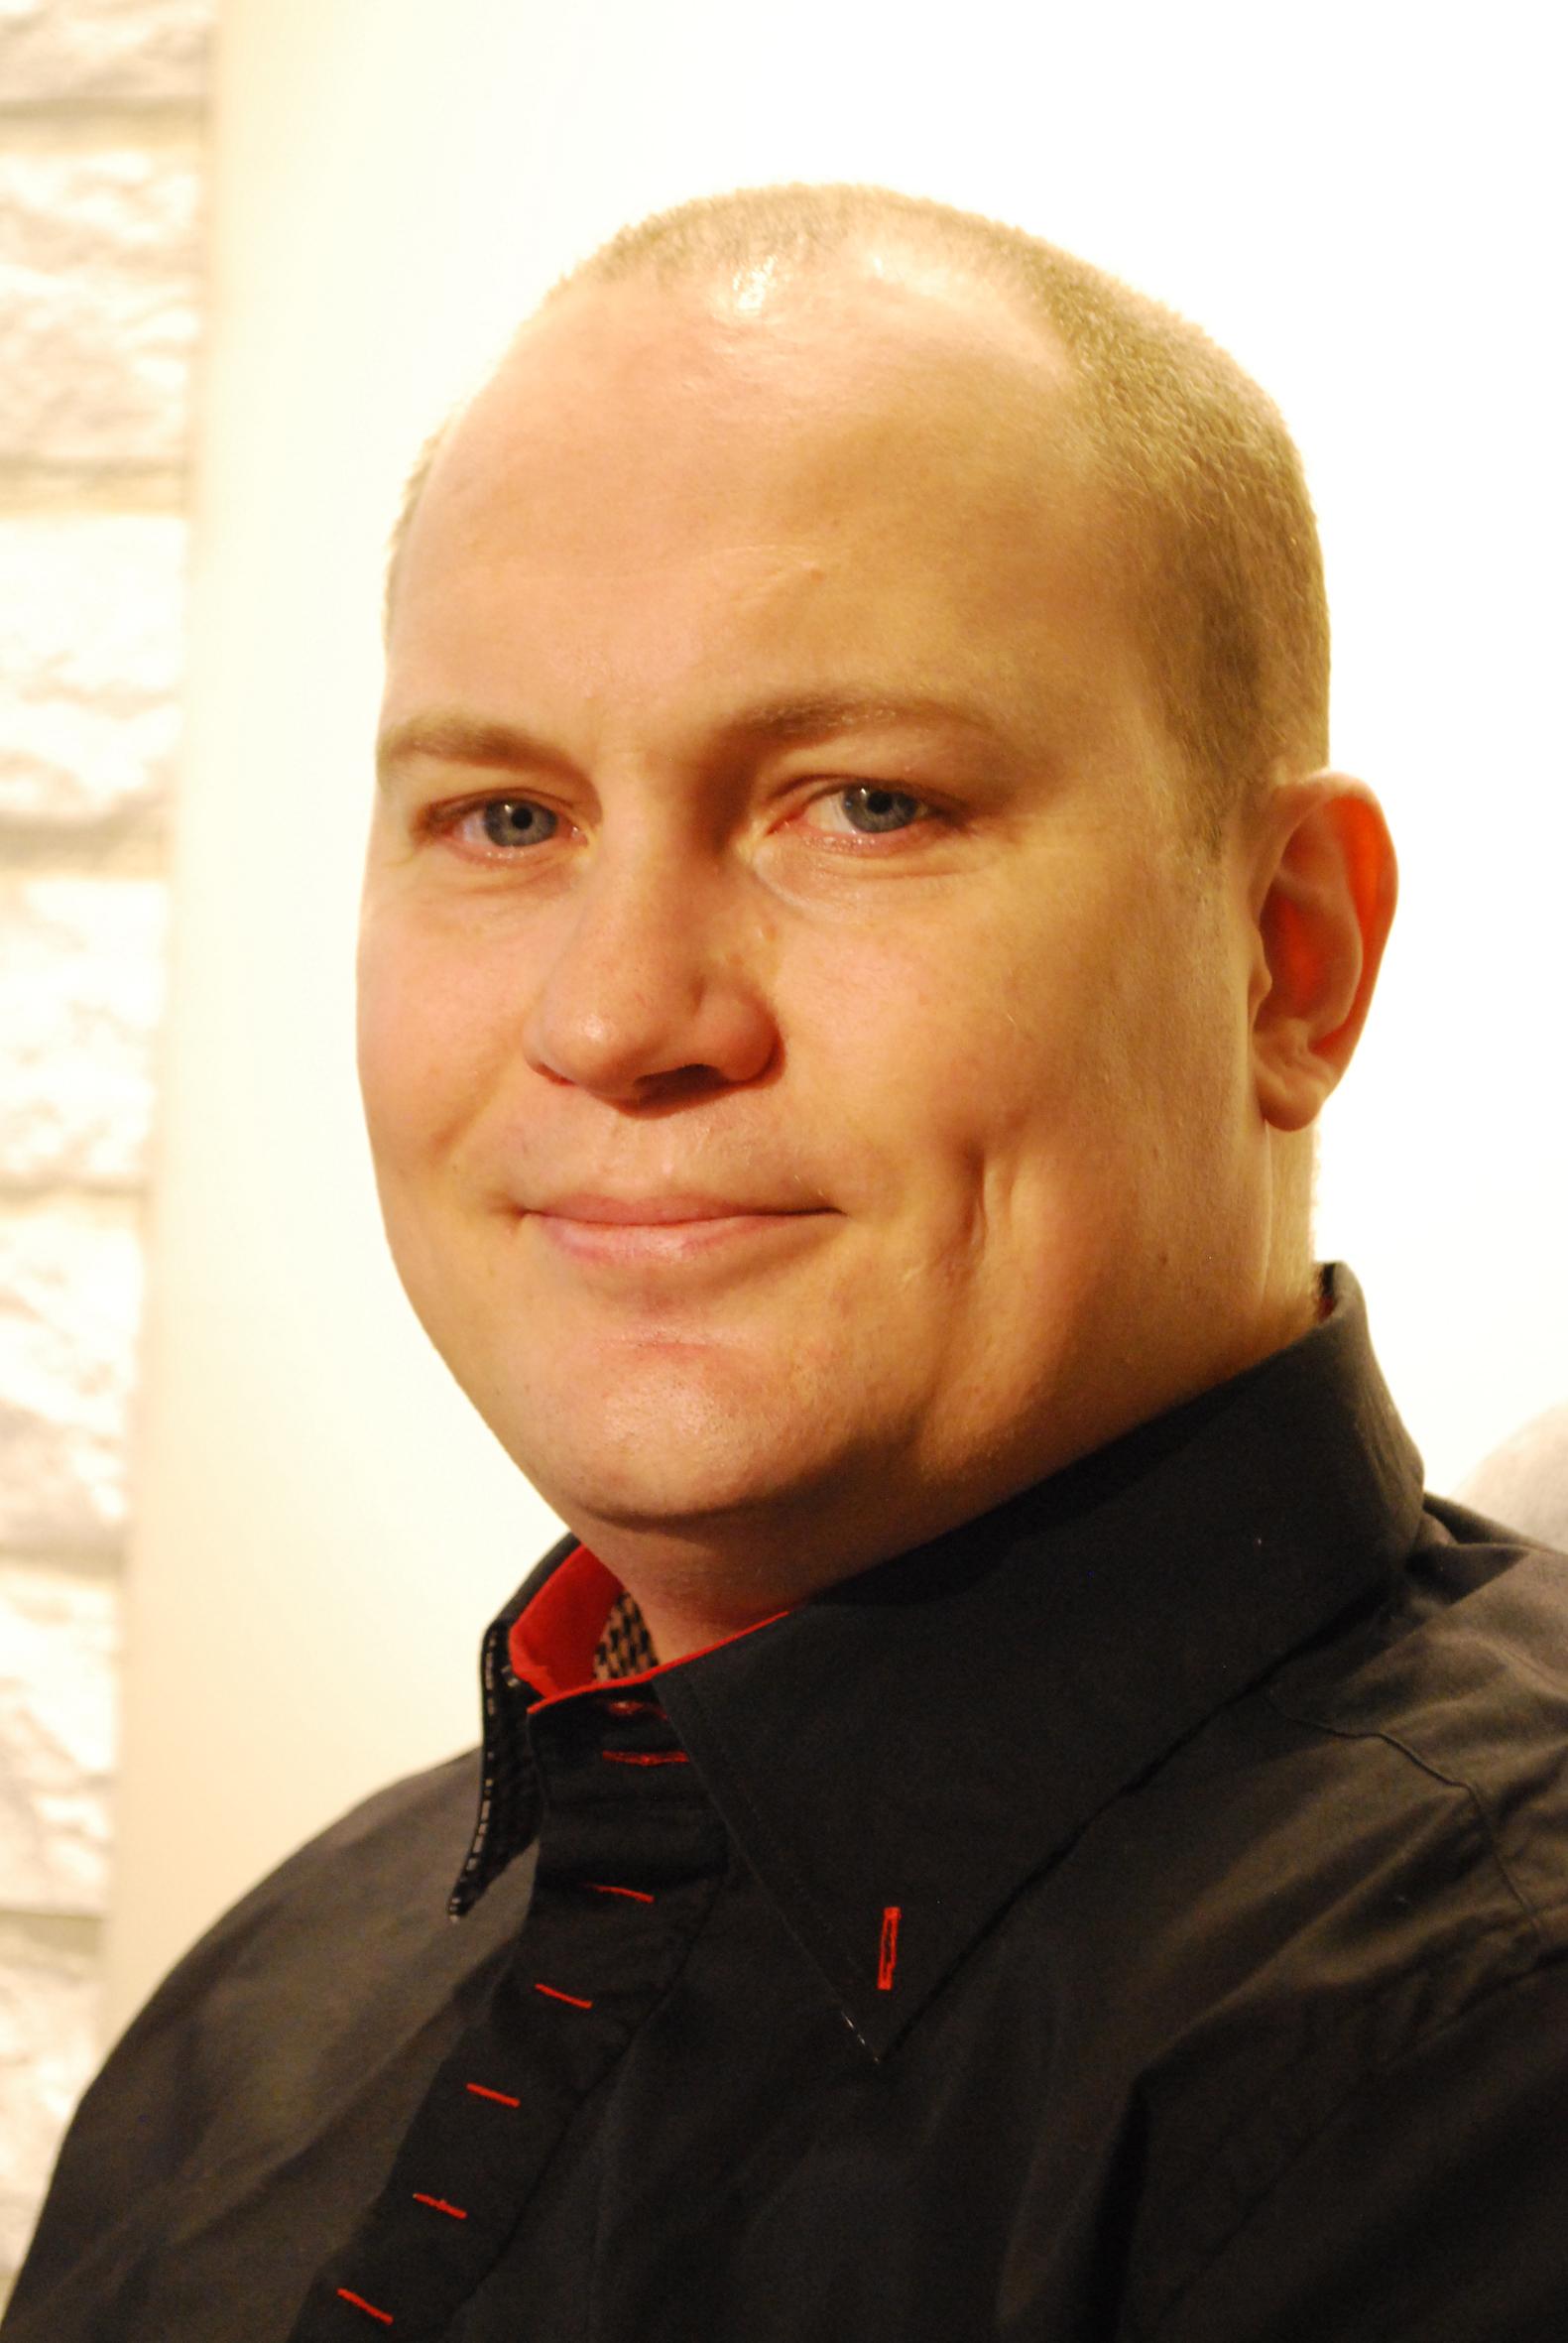 Florian Schober